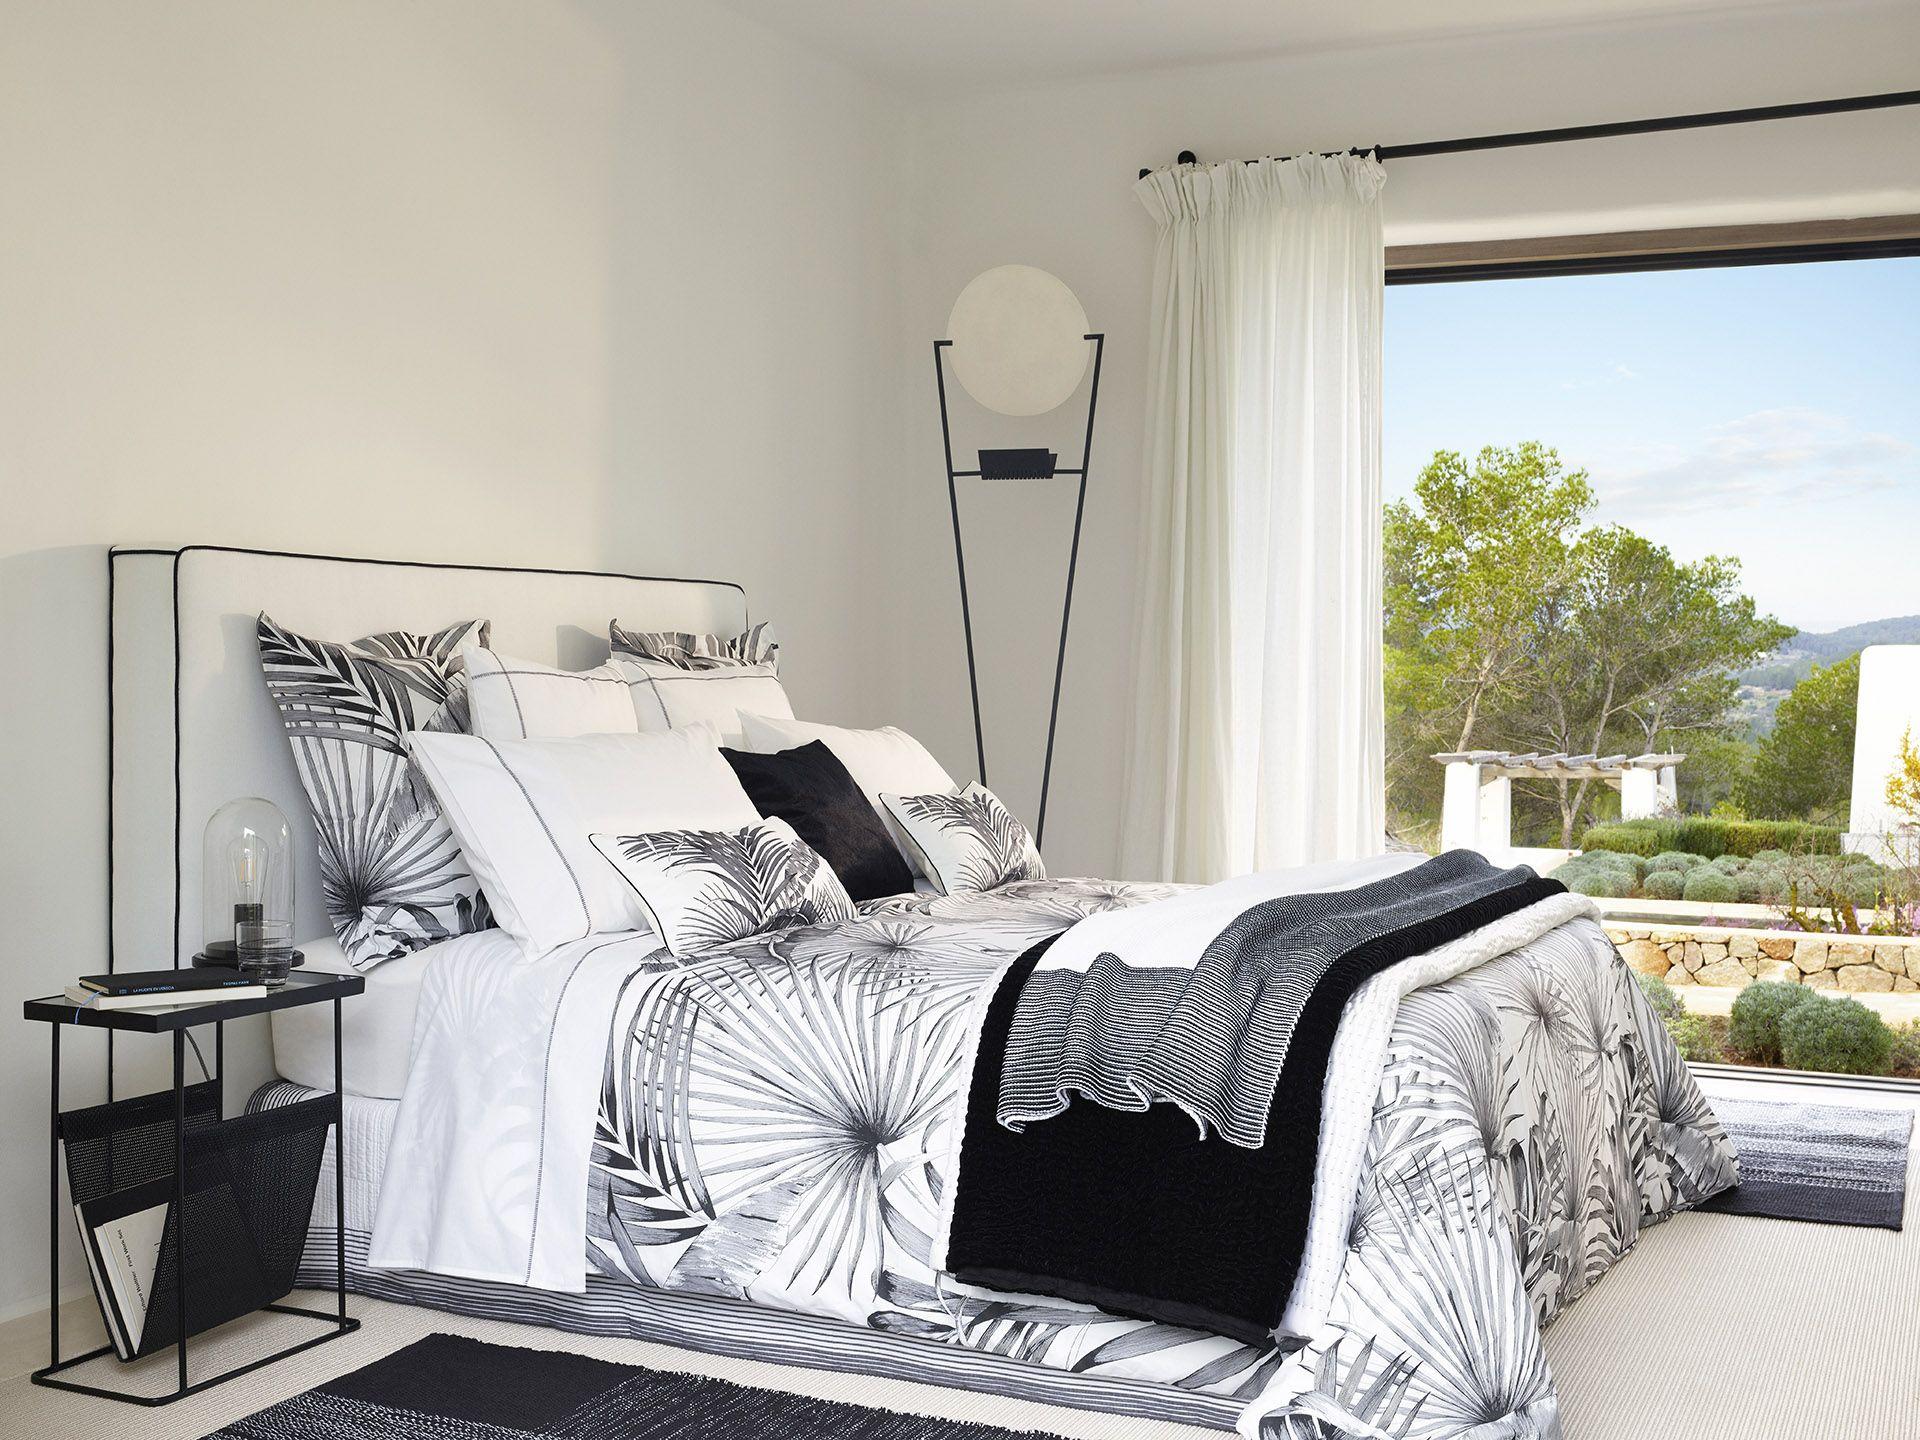 hotel - editorials | zara home españa - 2017 | zara home